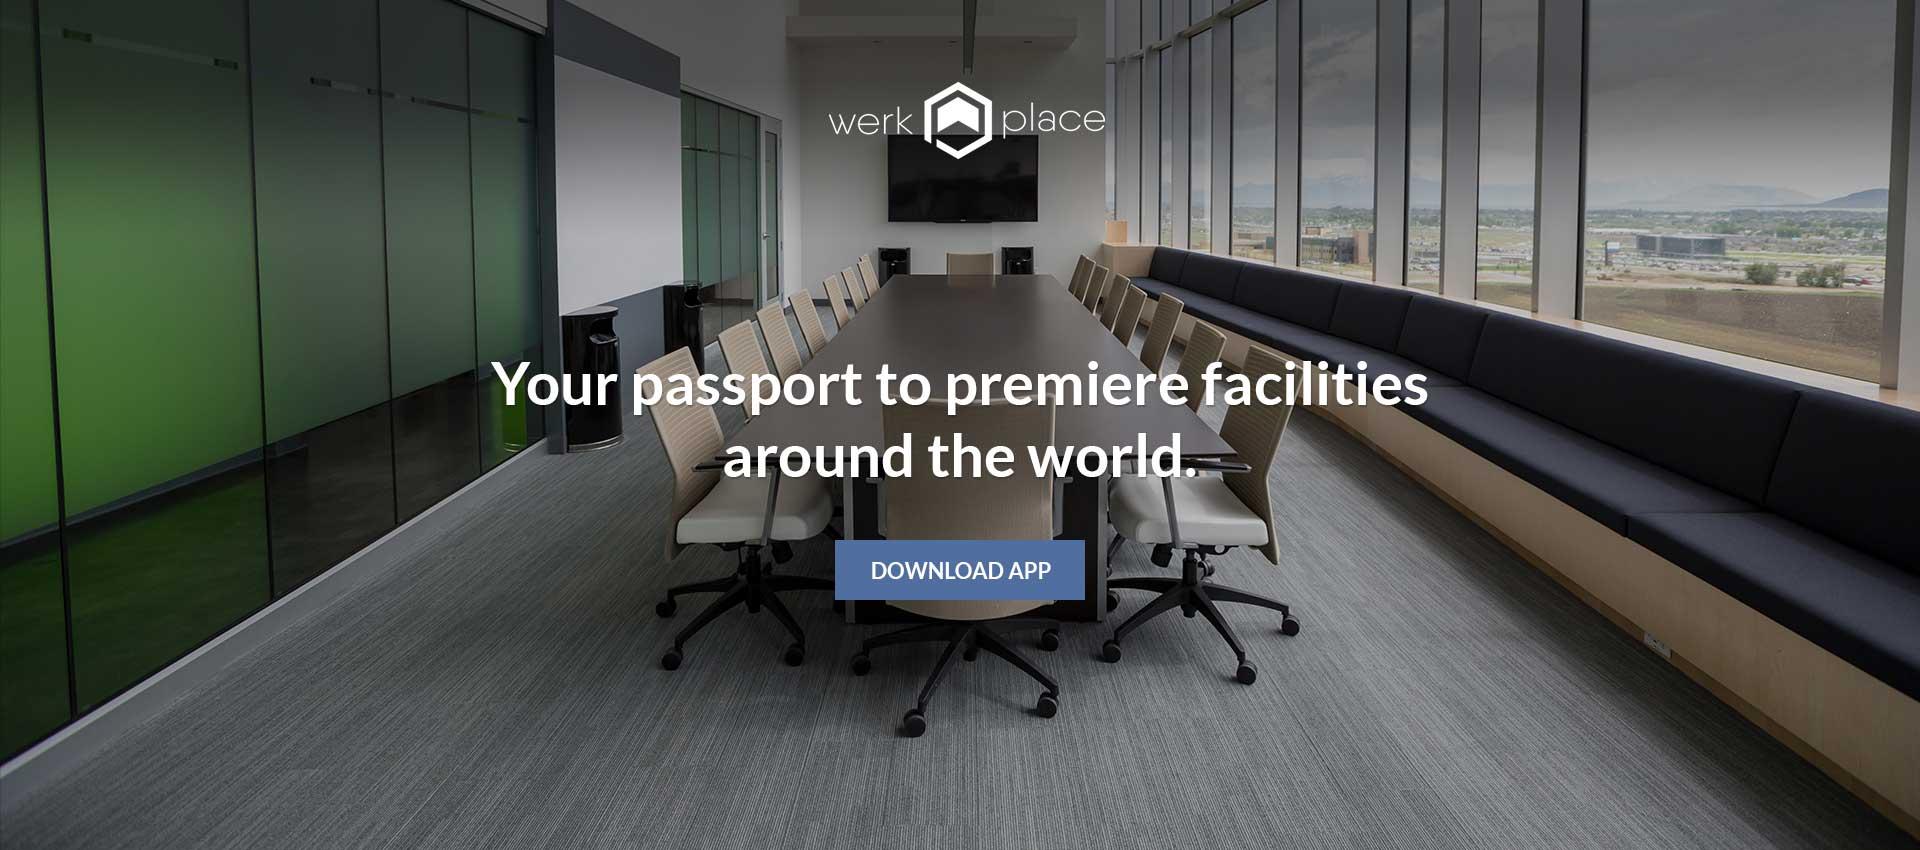 Thông tin tổng quan, khó khăn và kết quả đạt được của dự án werk.place